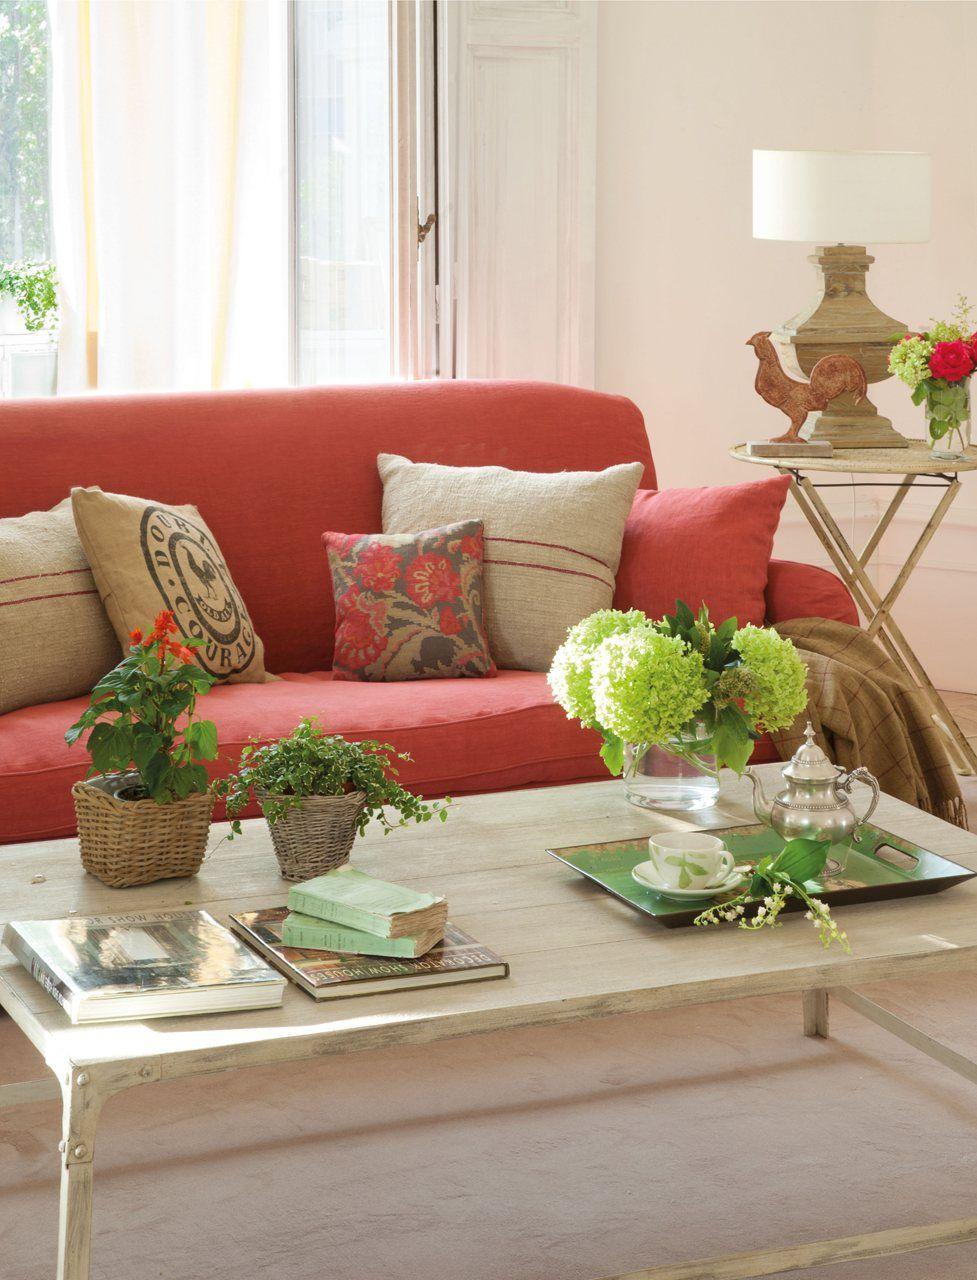 Cuatro estilos para el sal n living rooms sof rojo - Cojines para el sofa ...